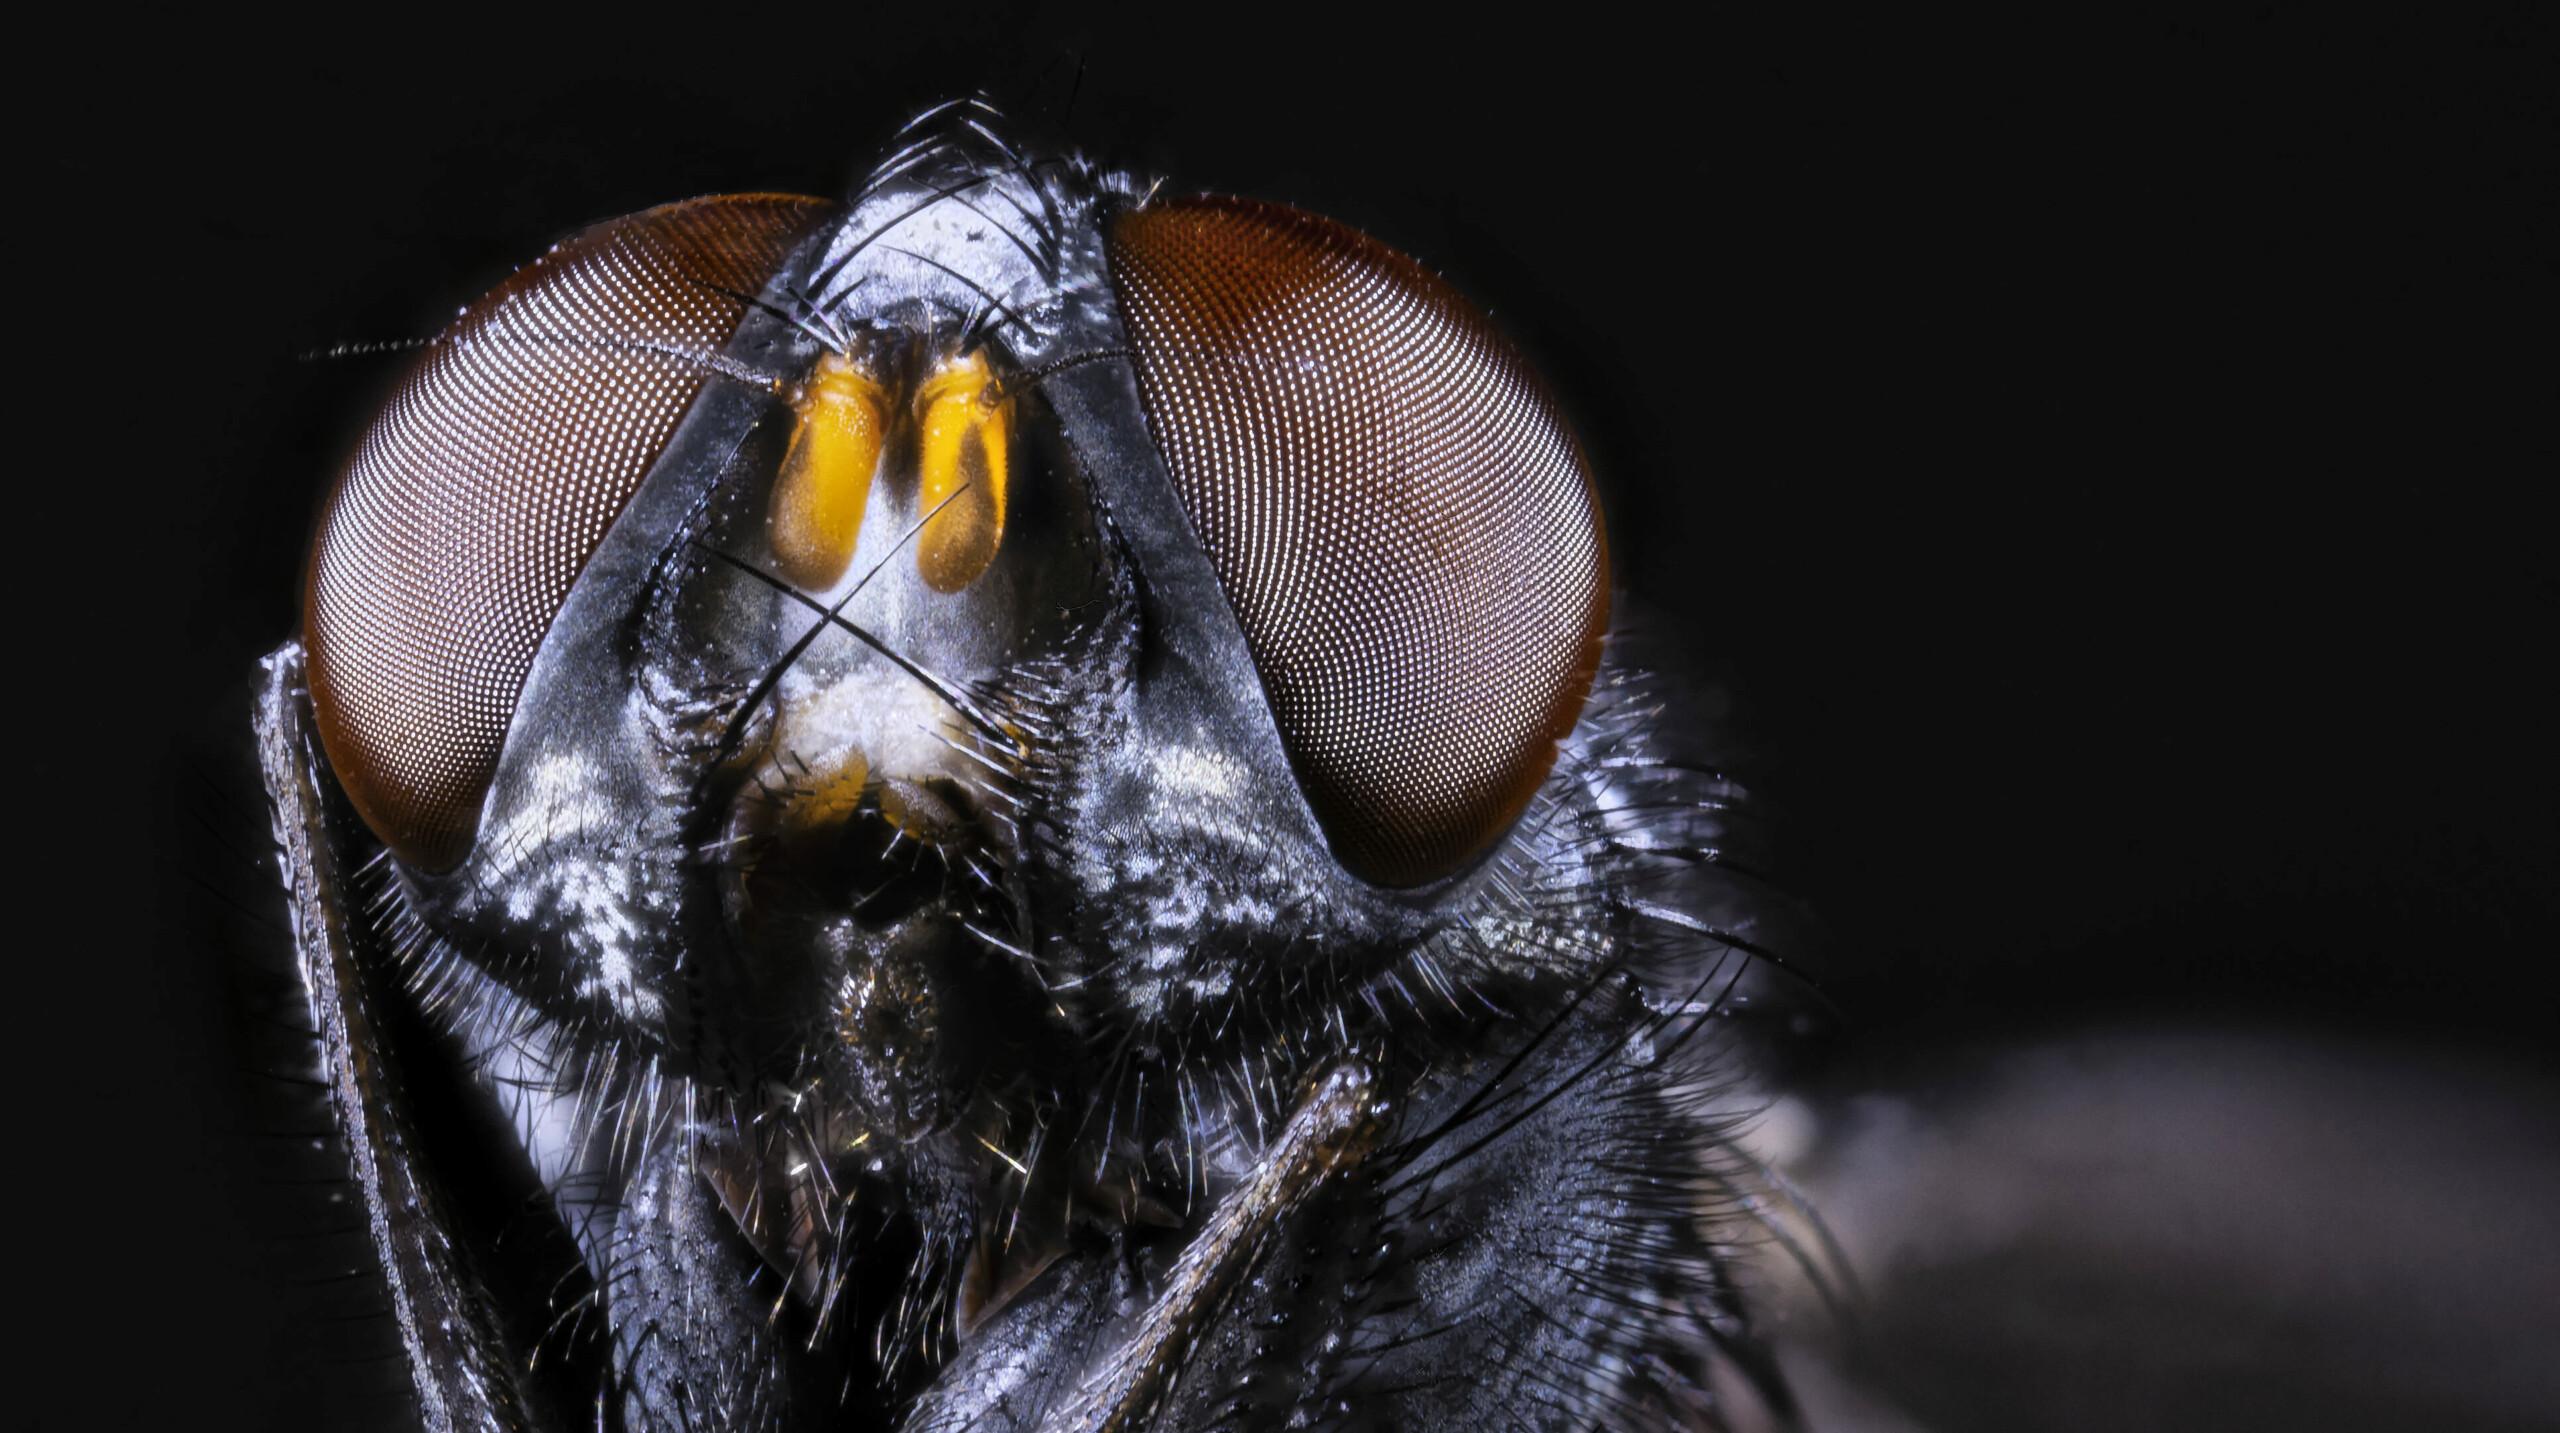 [cf. Synthesiomyia nudiseta] Muscidae (?) 2020-115